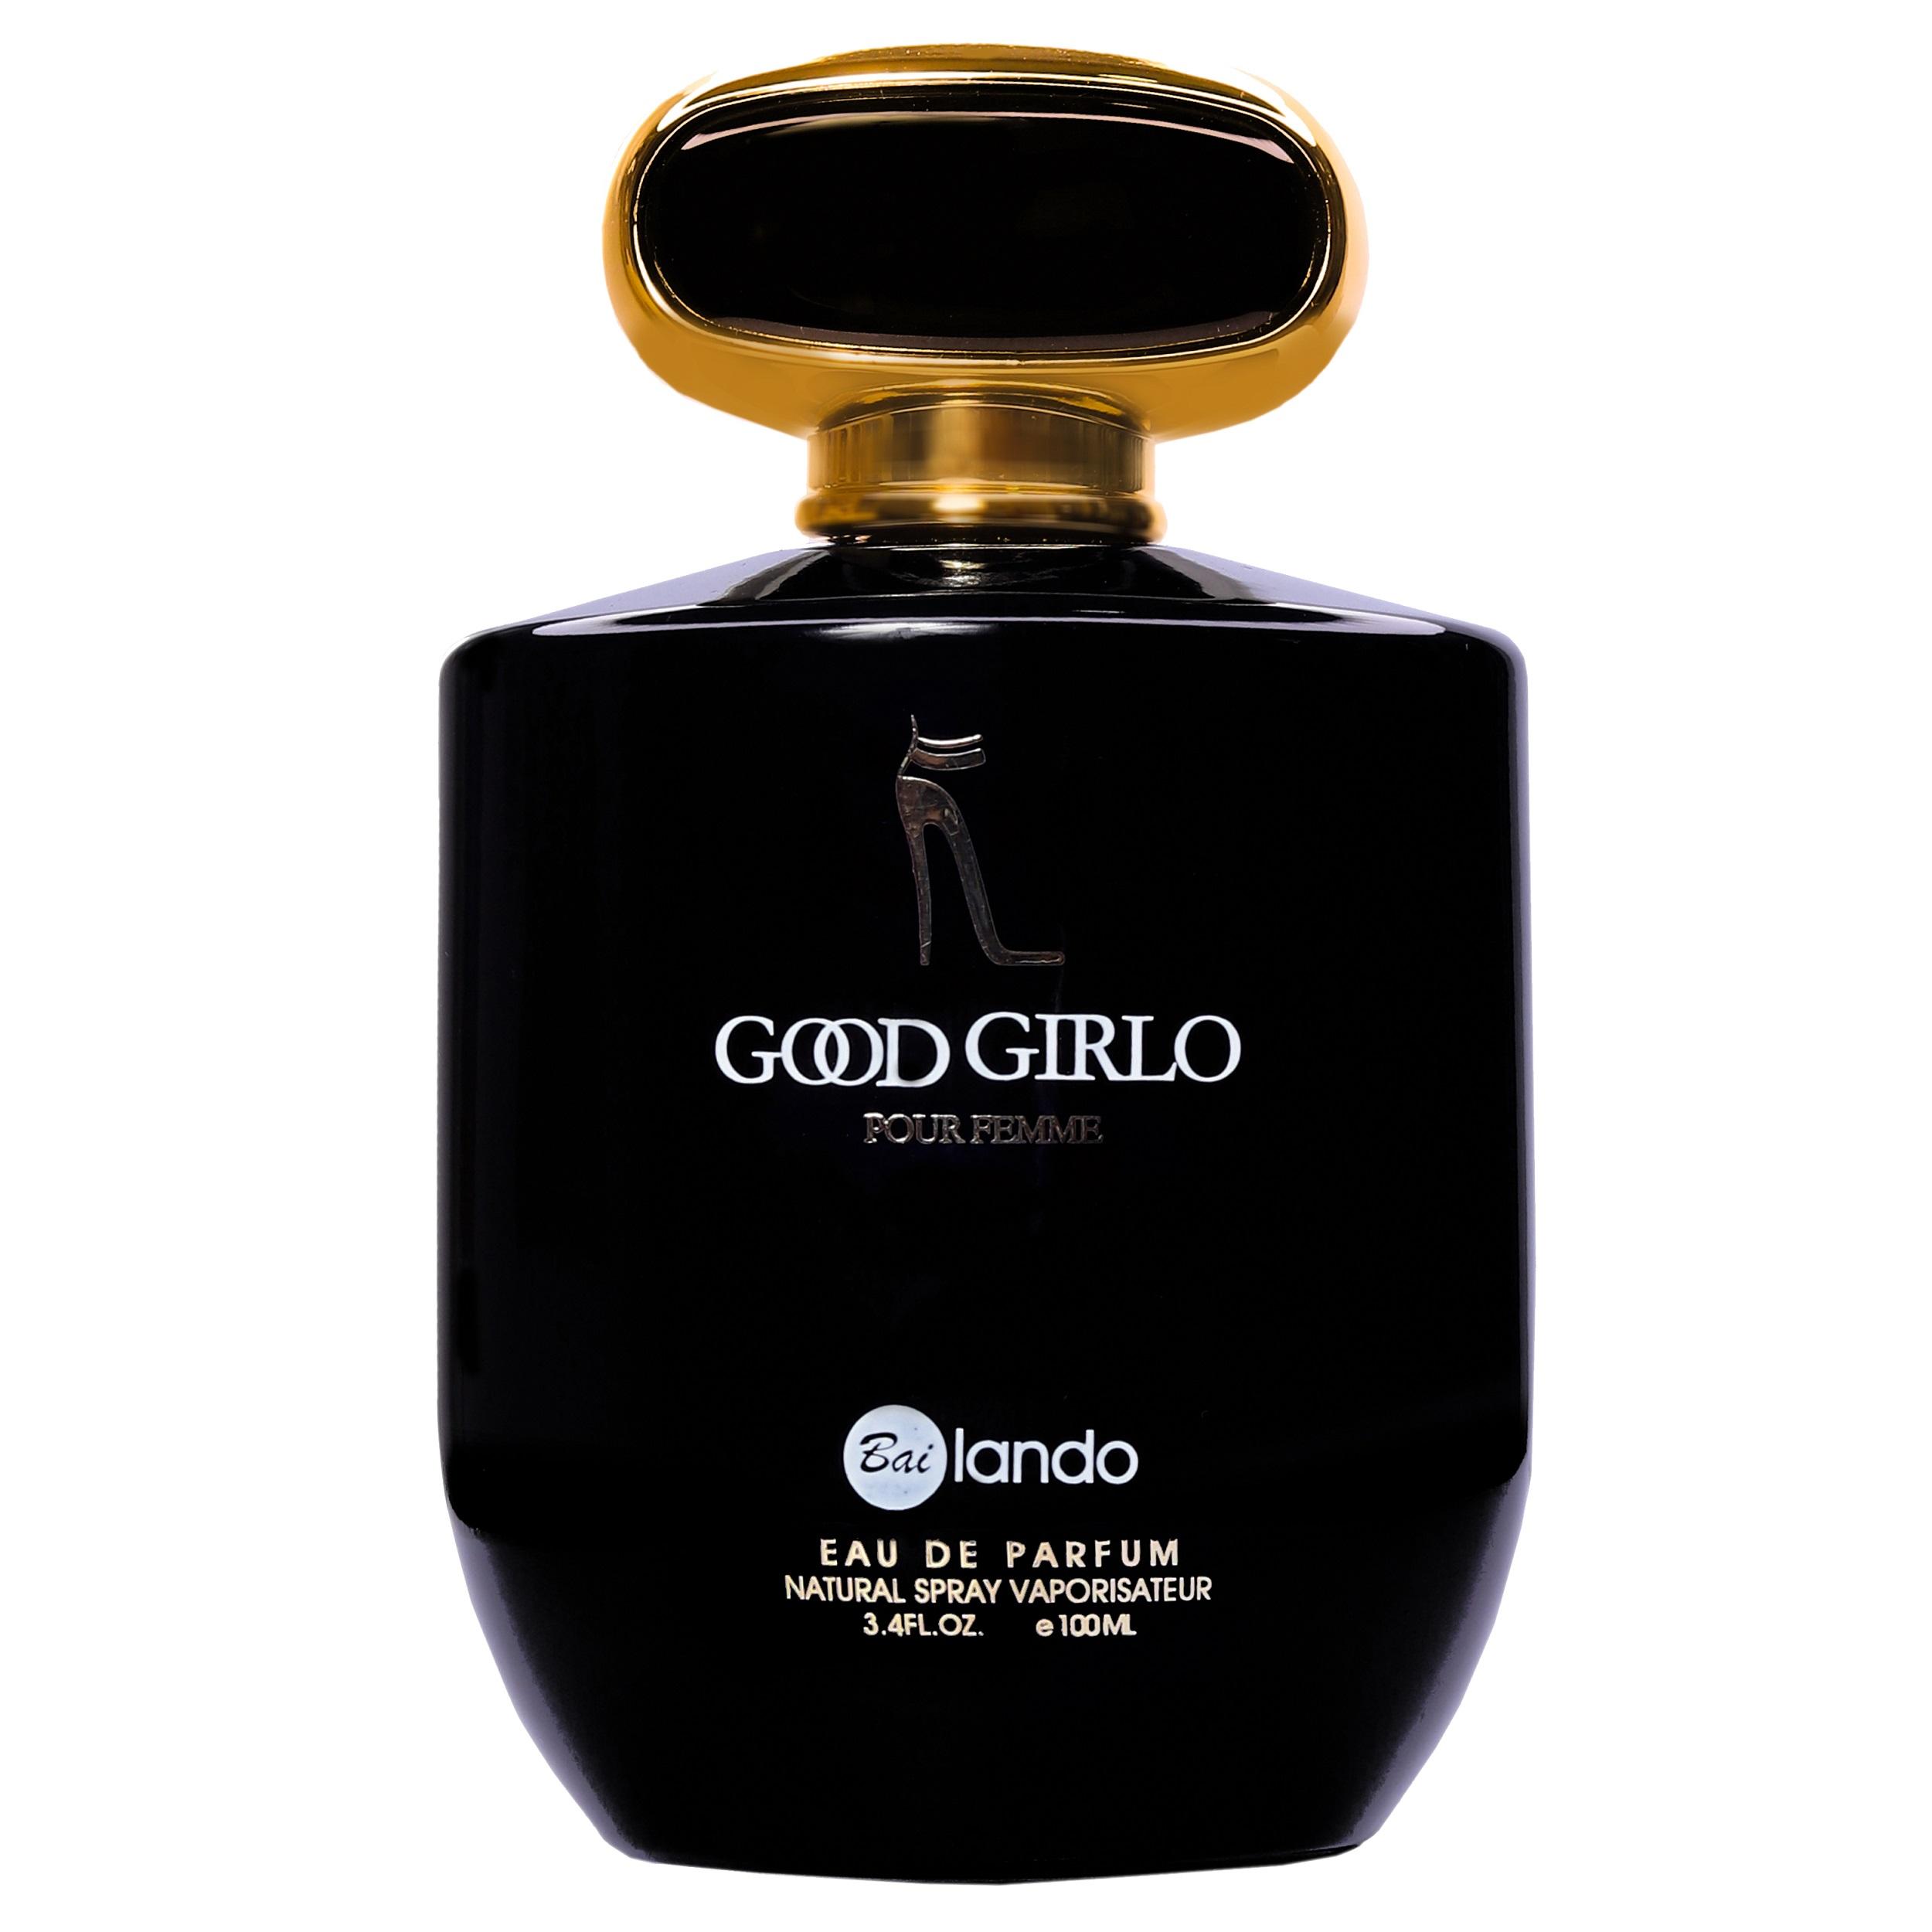 ادو پرفیوم زنانه بایلندو مدل Good Girlo حجم 100 میلی لیتر